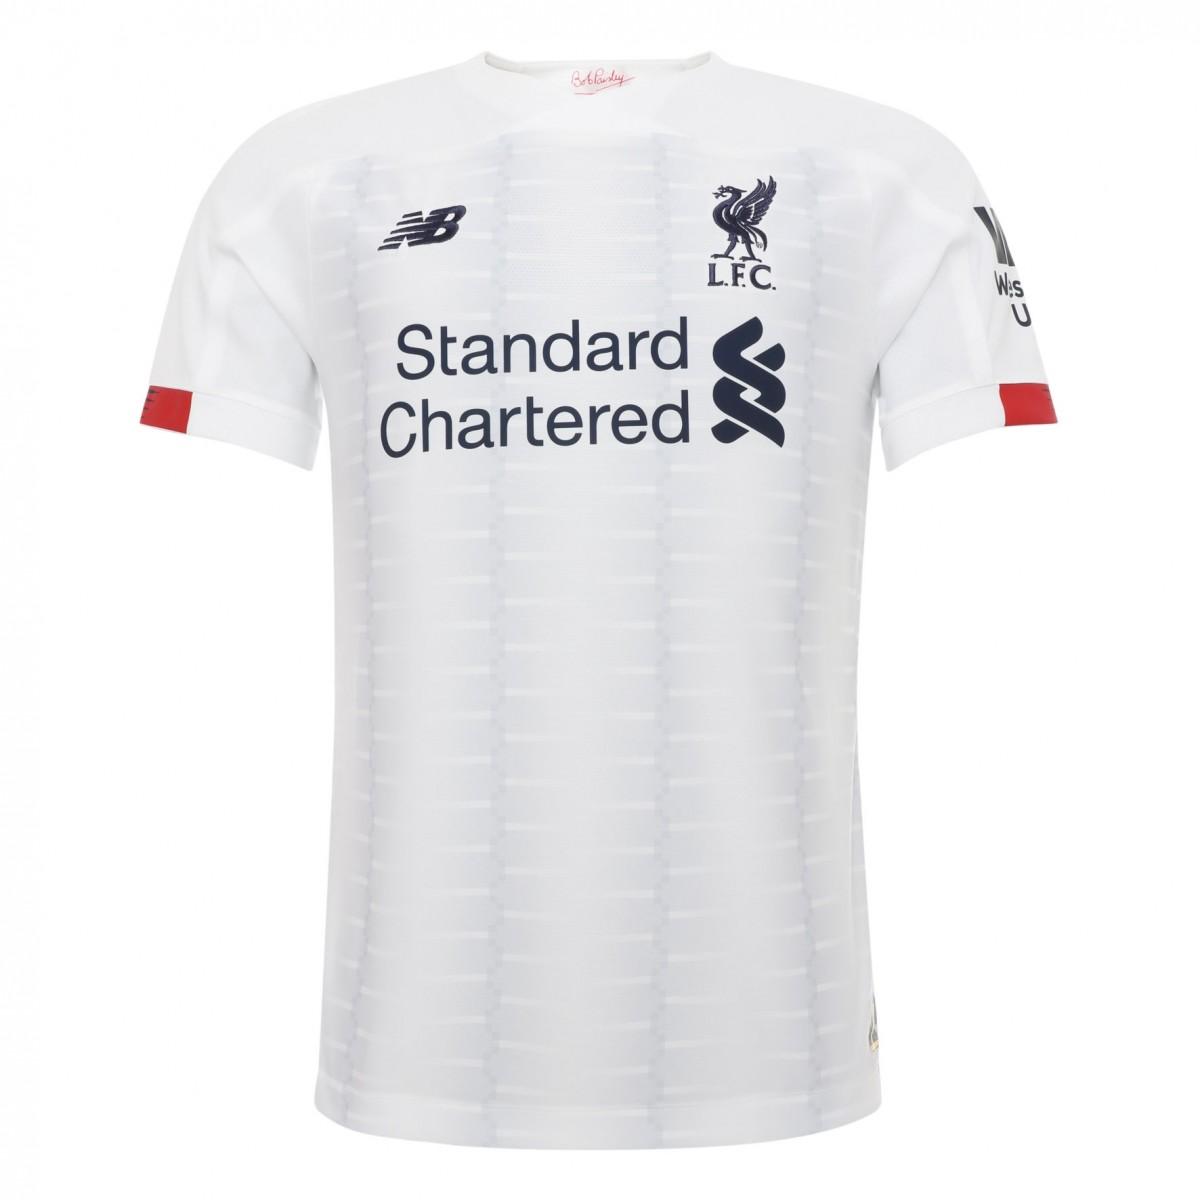 Liverpool 19 20 Away Kit Released Footy Headlines